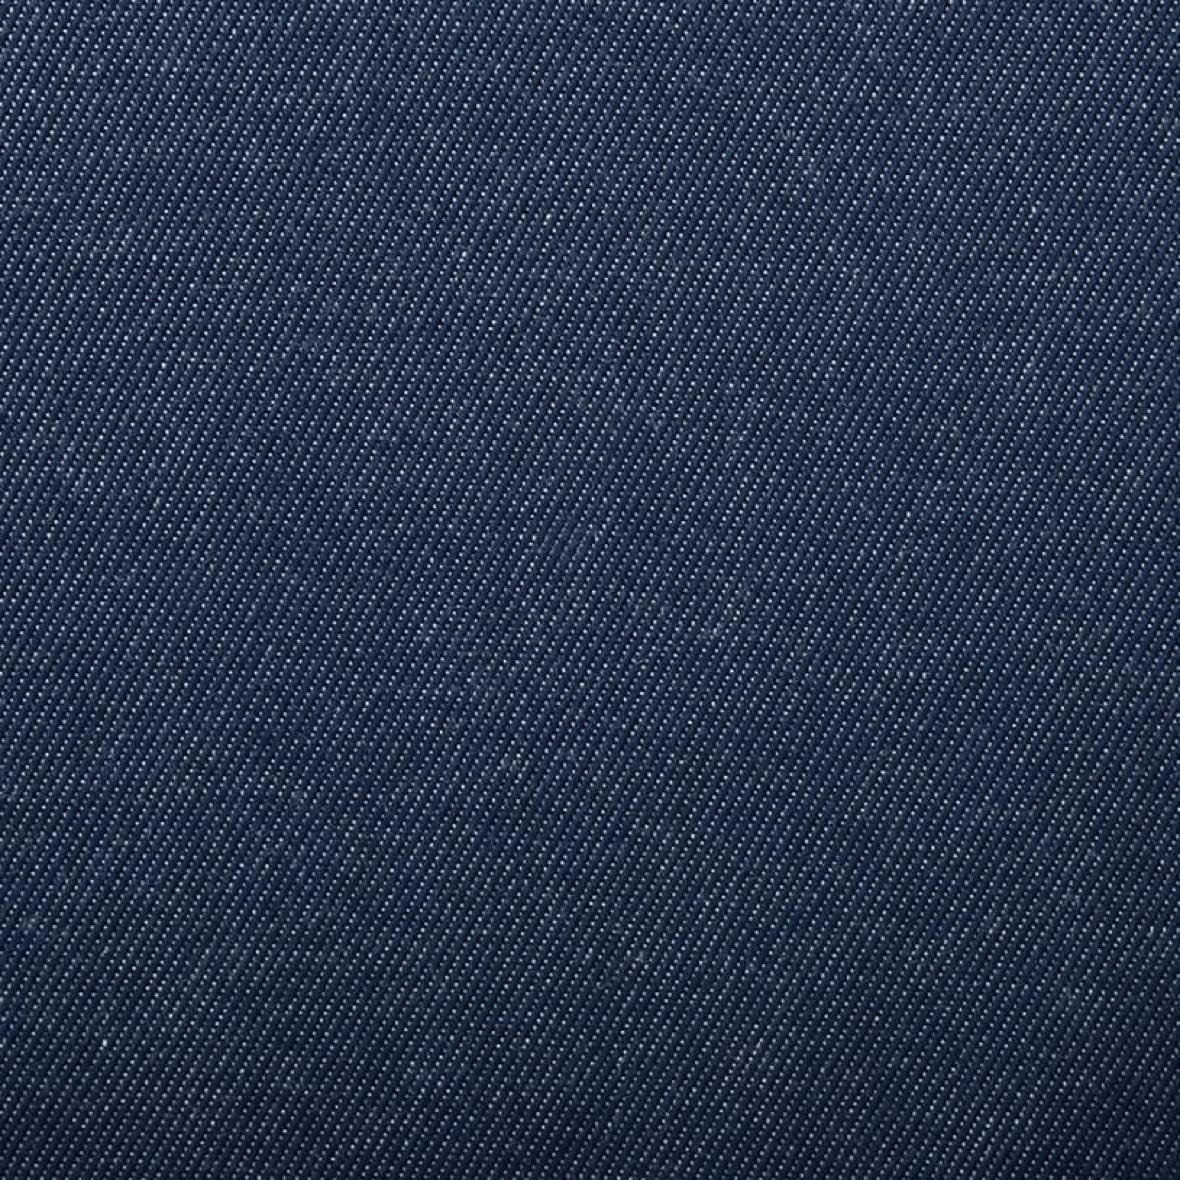 G-1045 ドレープH 1.5 L 300*160 標準縫製1.5倍ヒダ オーダーカーテン0